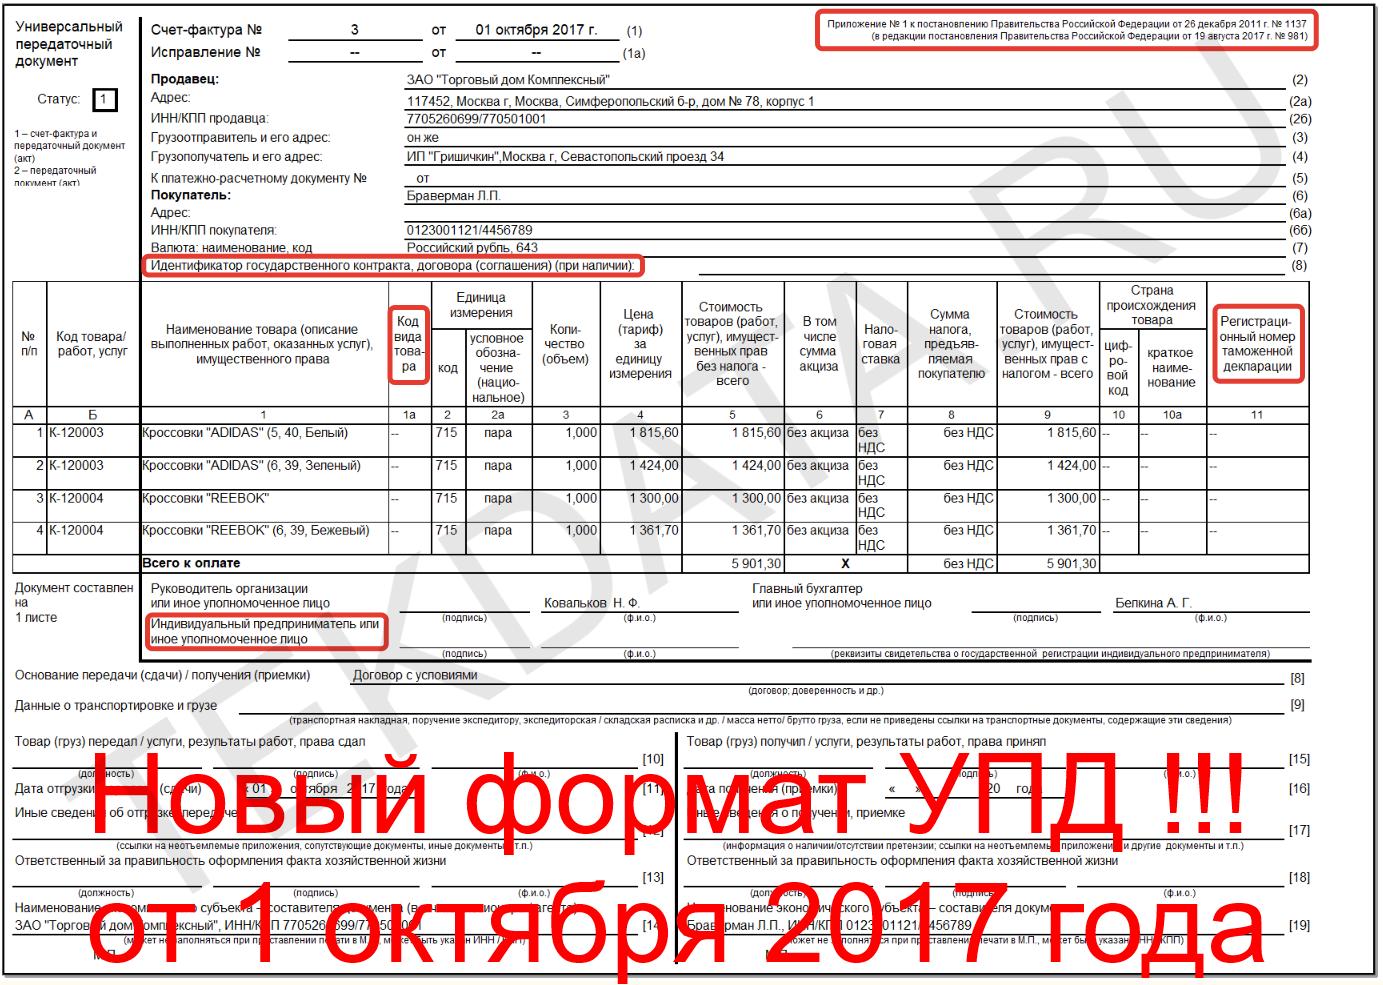 УПД для 1С Бухгалтерия 2.0.12.2-2.0.66.38 (НОВЫЙ ФОРМАТ ⚑ от 1-го Октября 2017!) (Внешняя печатная форма)